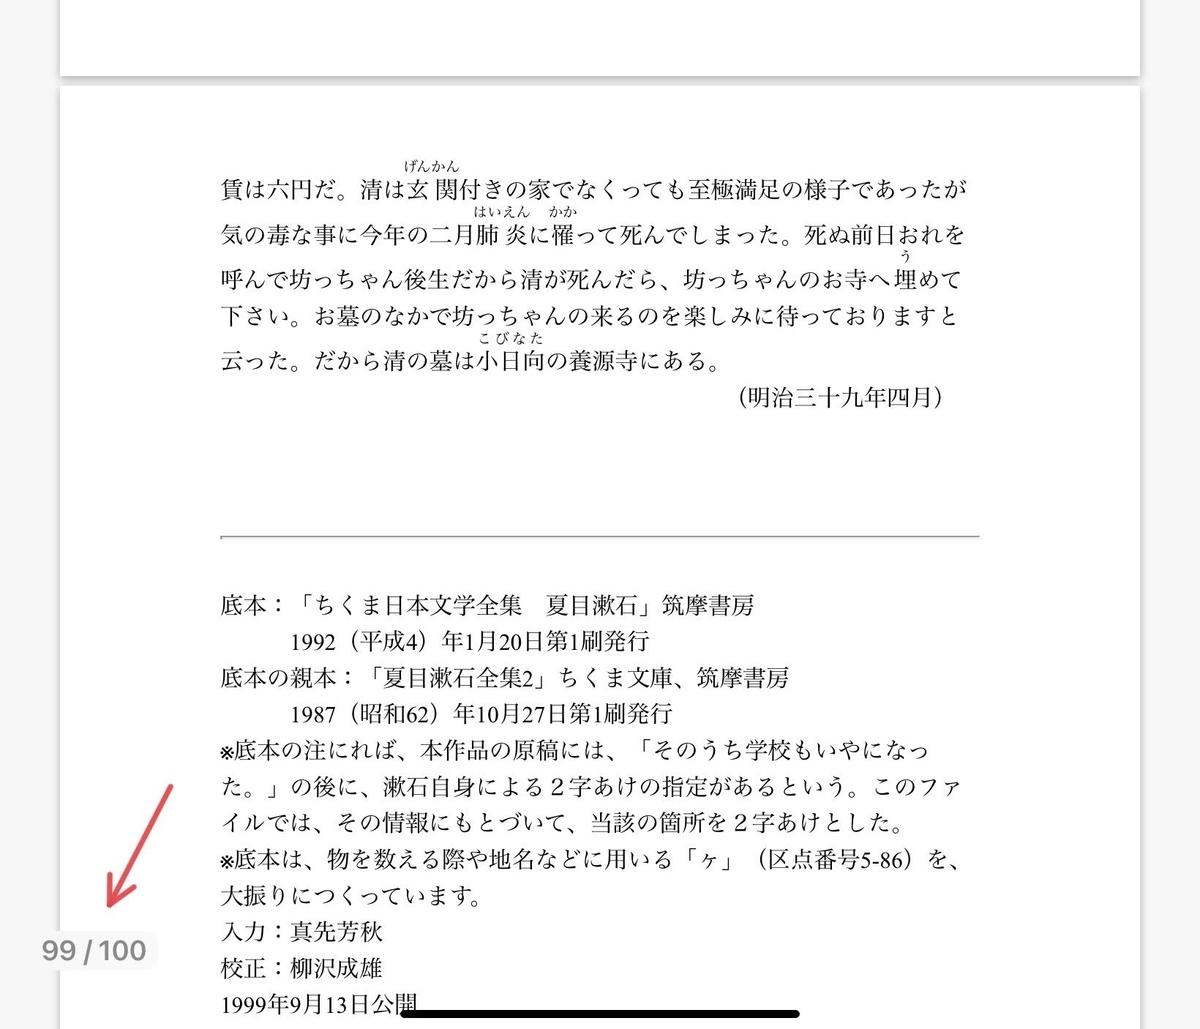 f:id:ichbin:20210328201537j:plain:w600